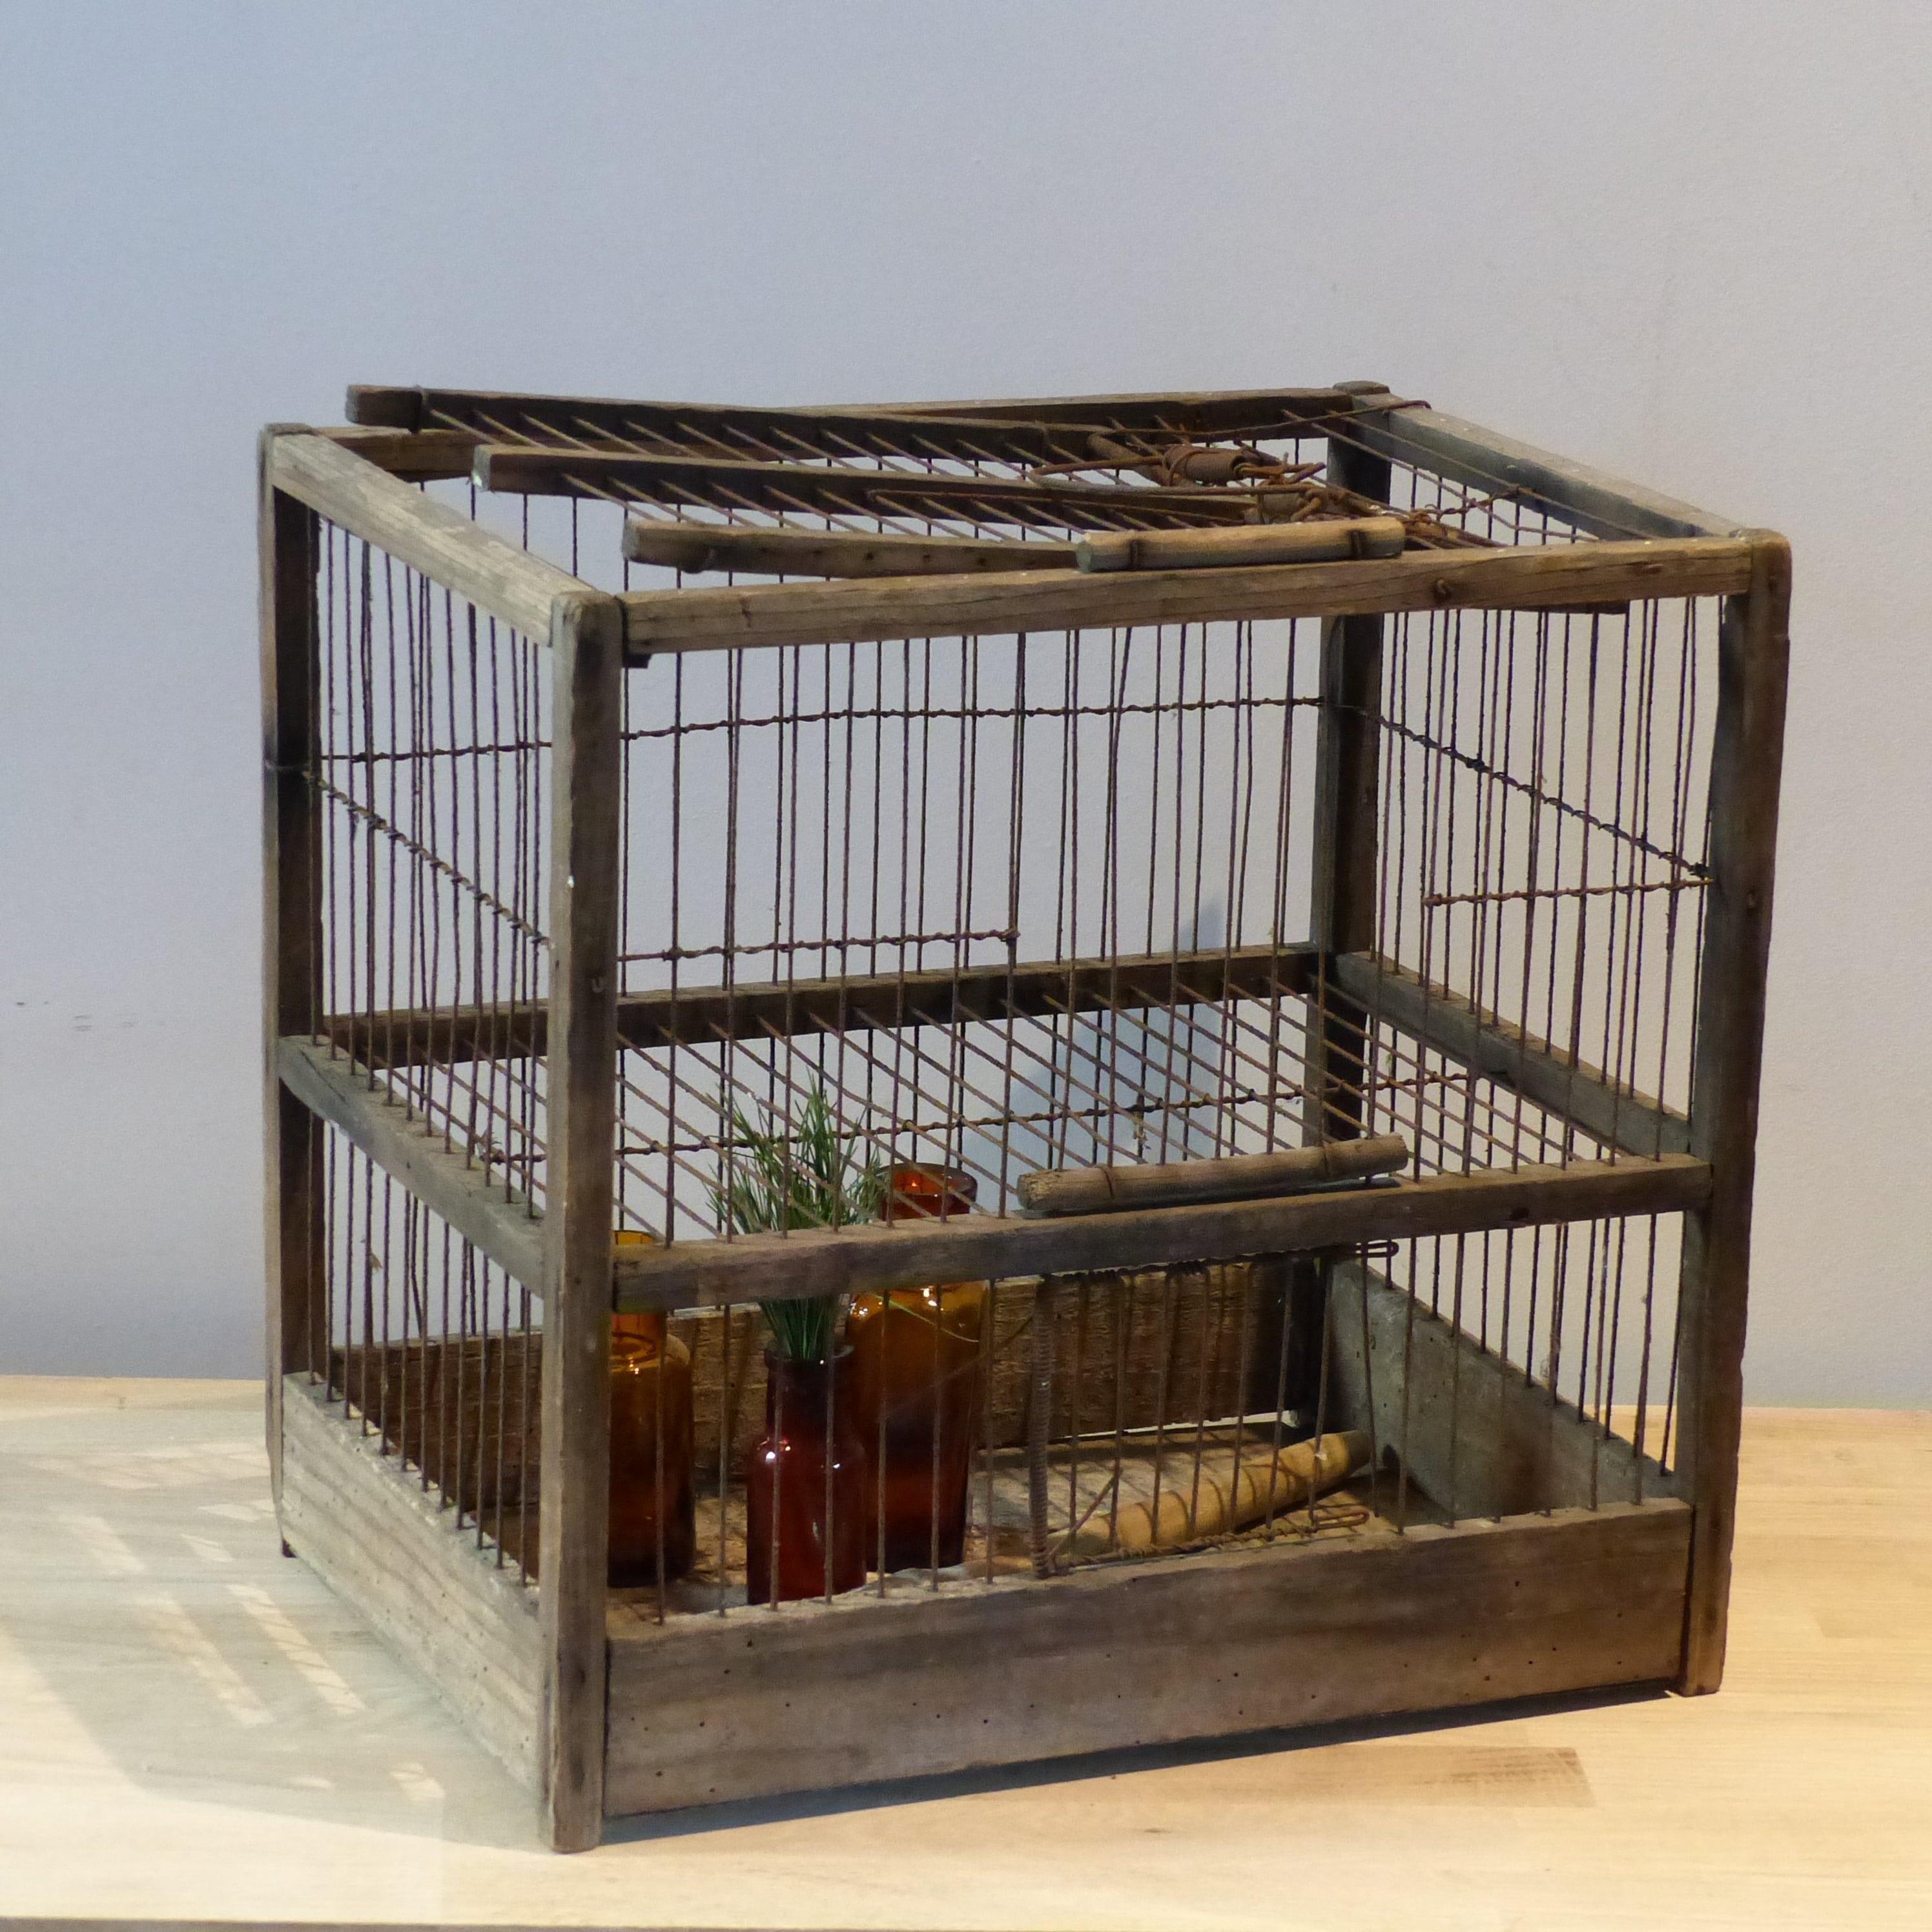 Petite cage oiseaux grillag e lignedebrocante brocante for Cages a oiseaux decoratives